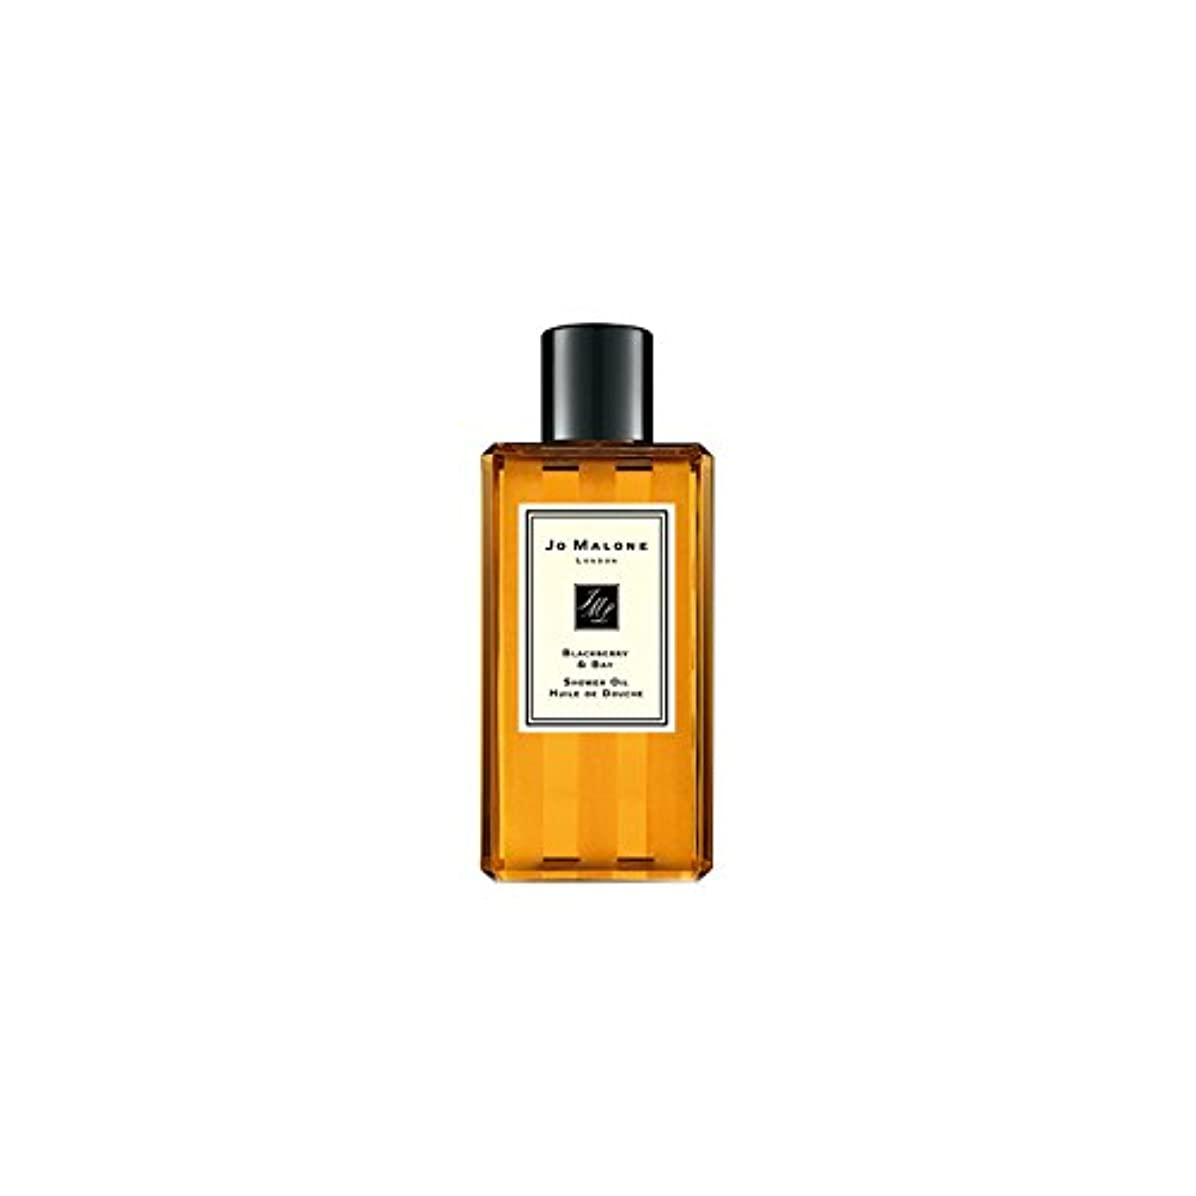 肉腫凶暴な南極Jo Malone Blackberry & Bay Shower Oil - 250ml (Pack of 6) - ジョーマローンブラックベリー&ベイシャワーオイル - 250ミリリットル (x6) [並行輸入品]